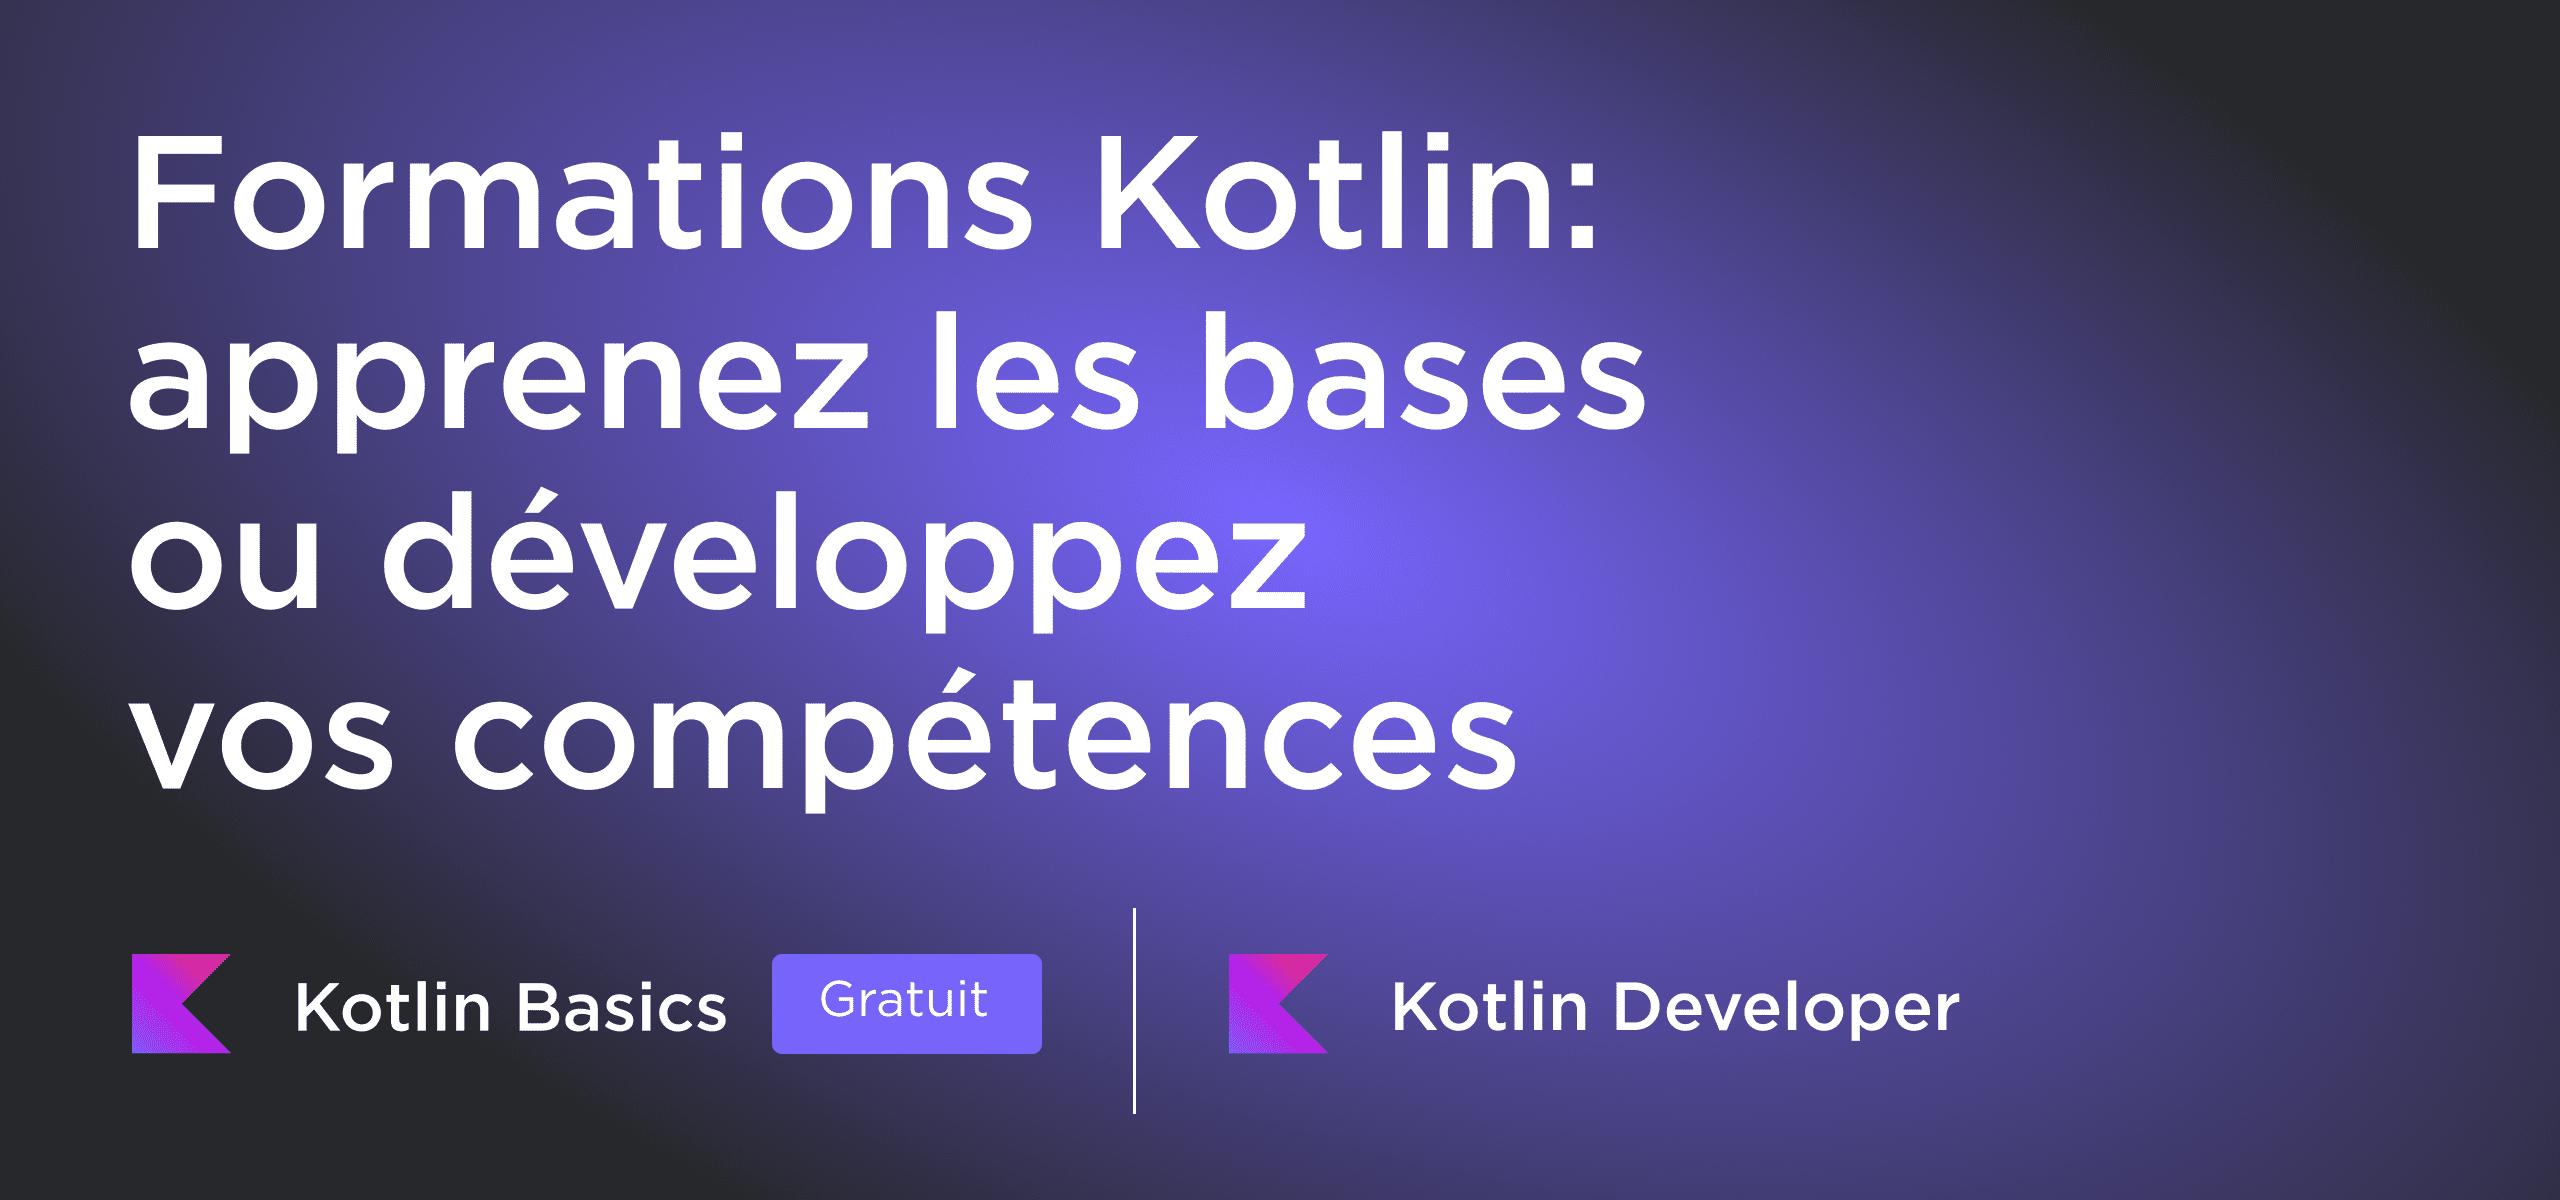 Modules de formation Kotlin sur JetBrains Academy